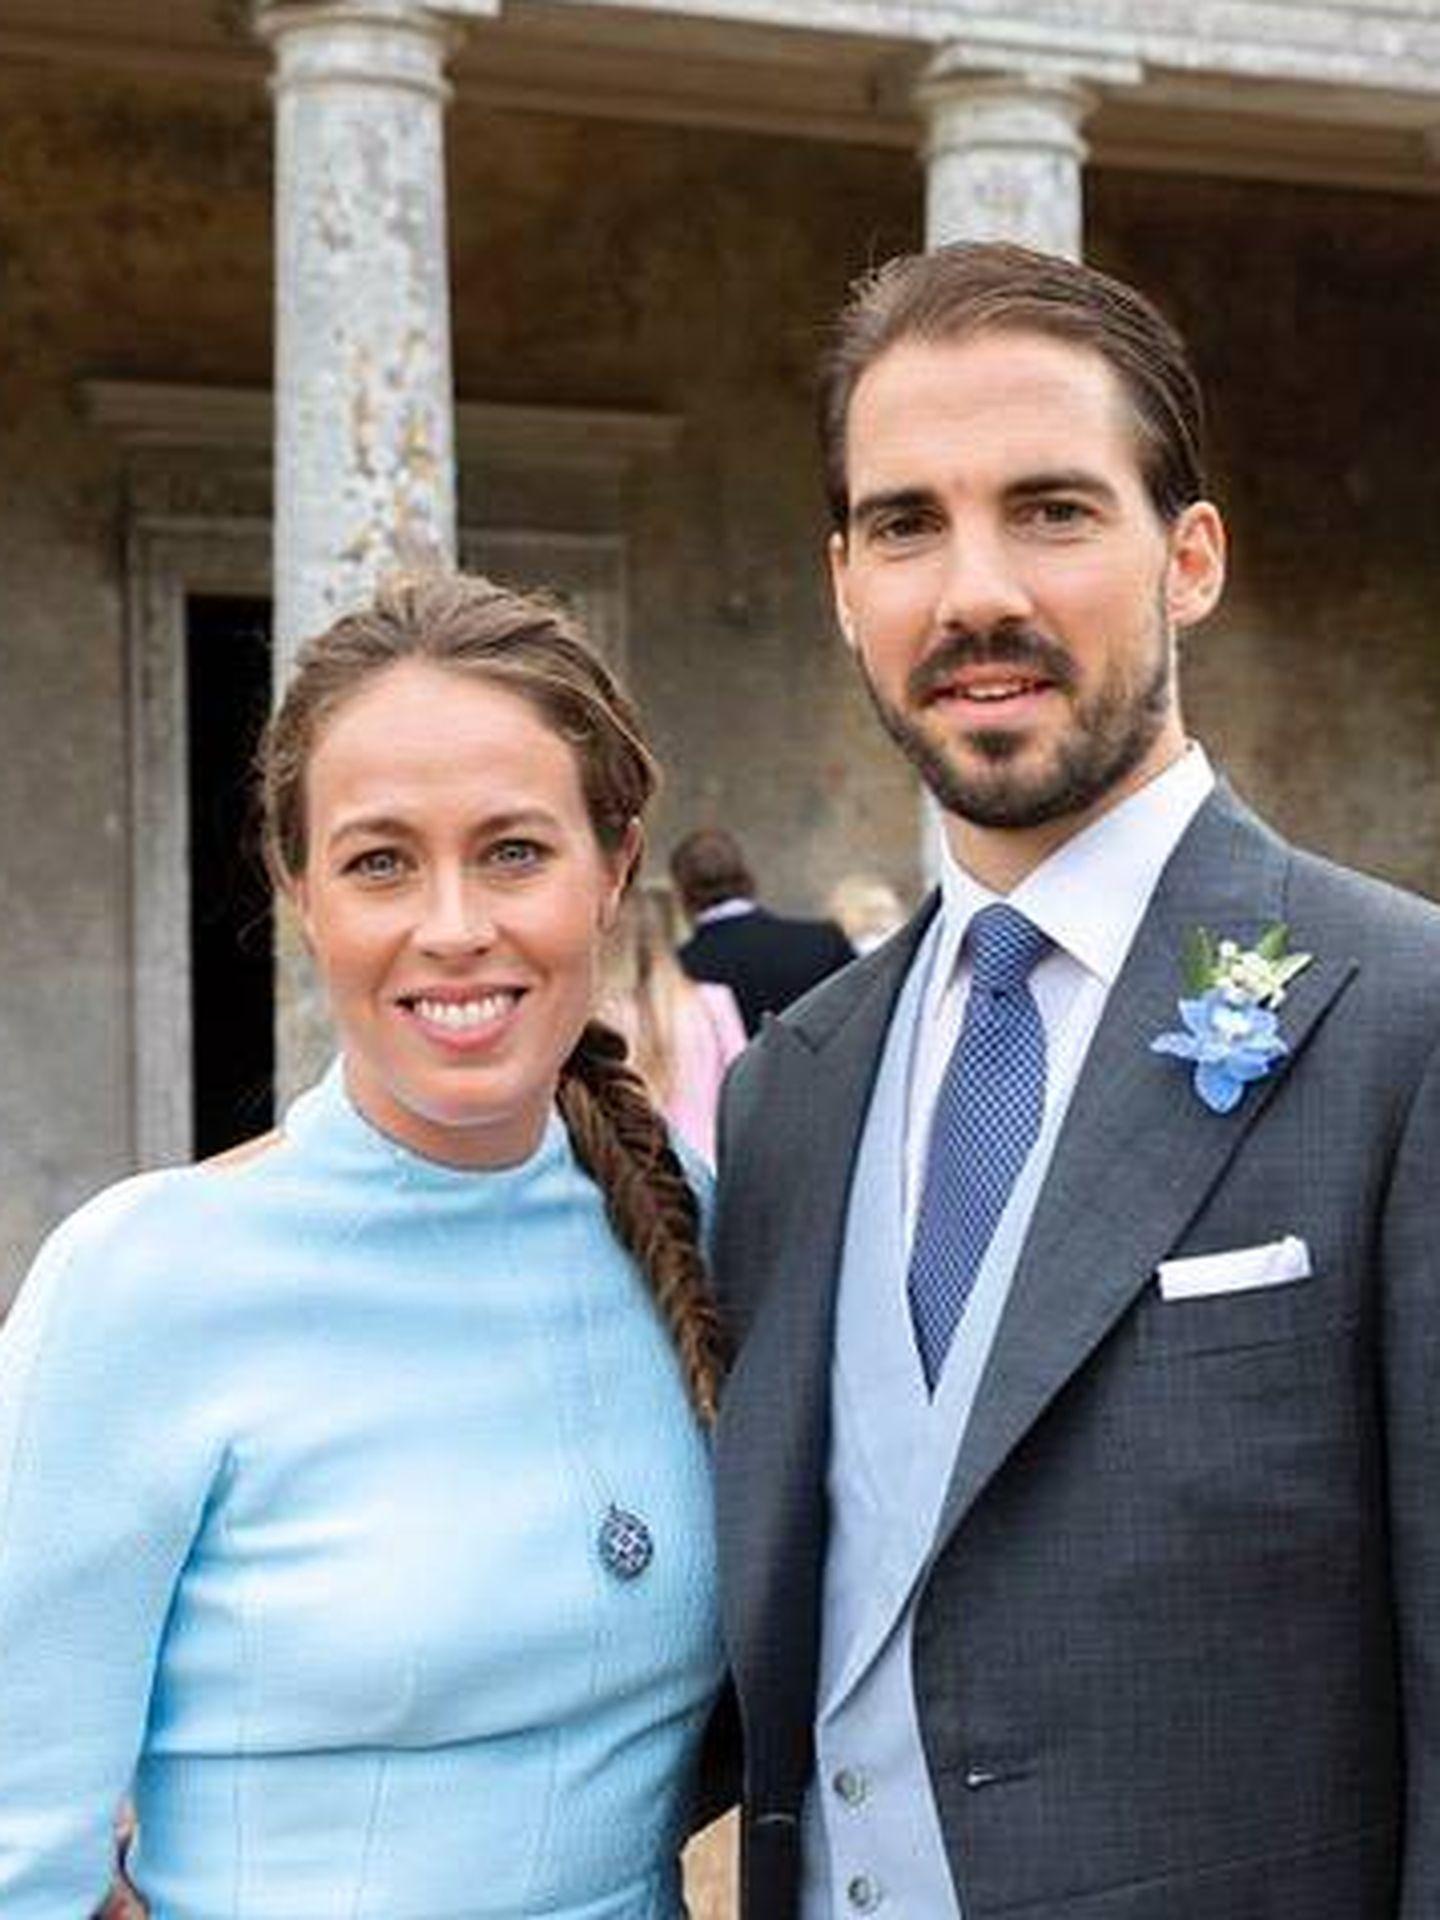 El príncipe Philippos de Grecia y su mujer, Nina Flohr. (Instagram @ninaflohr)